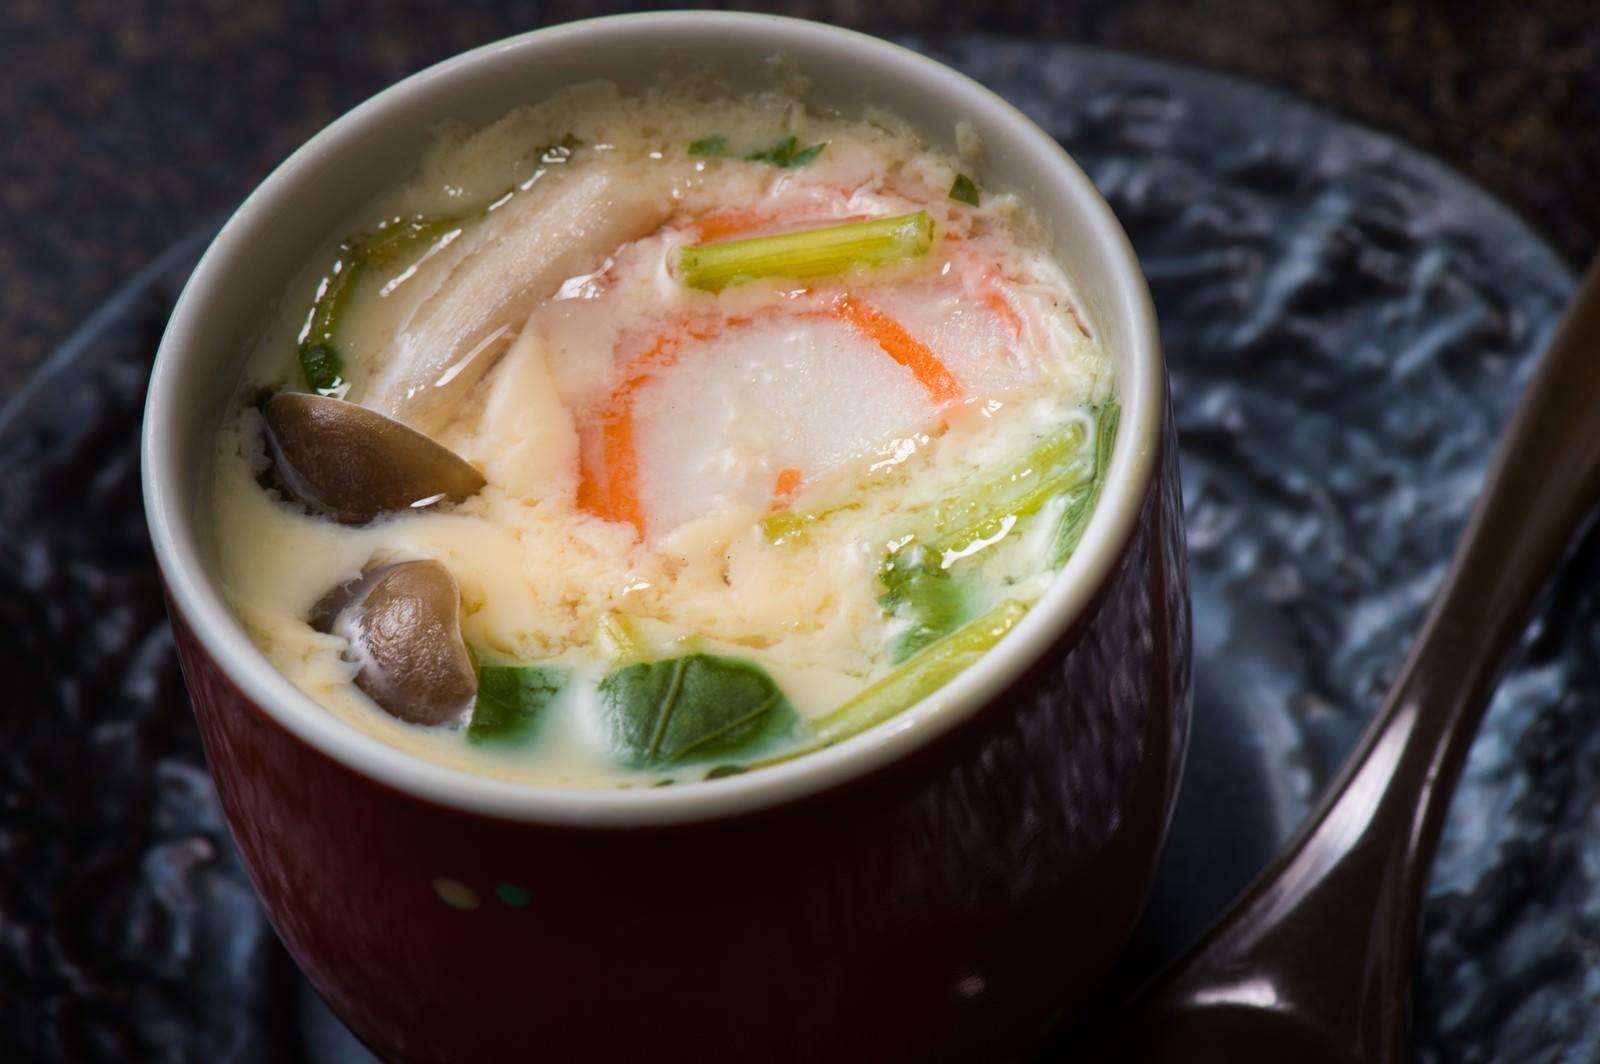 「熱々で出てくる旬の野菜盛りだくさんの栄太郎の茶碗蒸し」の写真